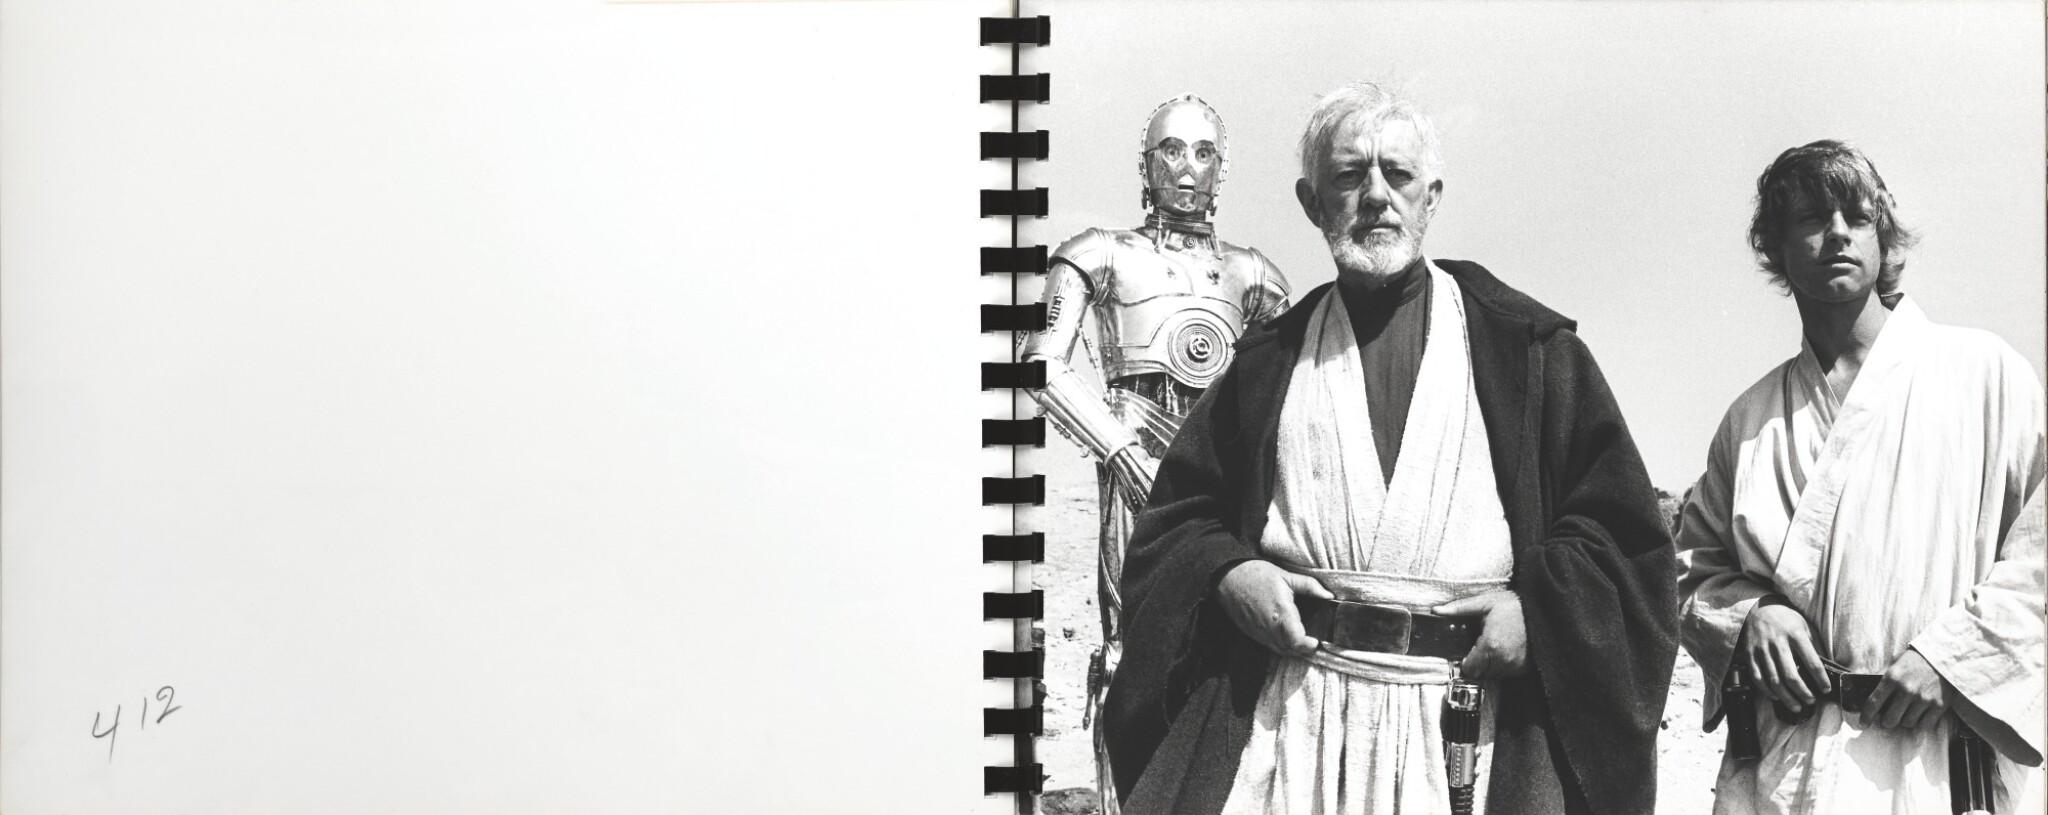 STAR WARS, SPIRAL BOUND ALBUM CONTAINING 52 ORIGINAL PHOTOGRAPHS, 1977